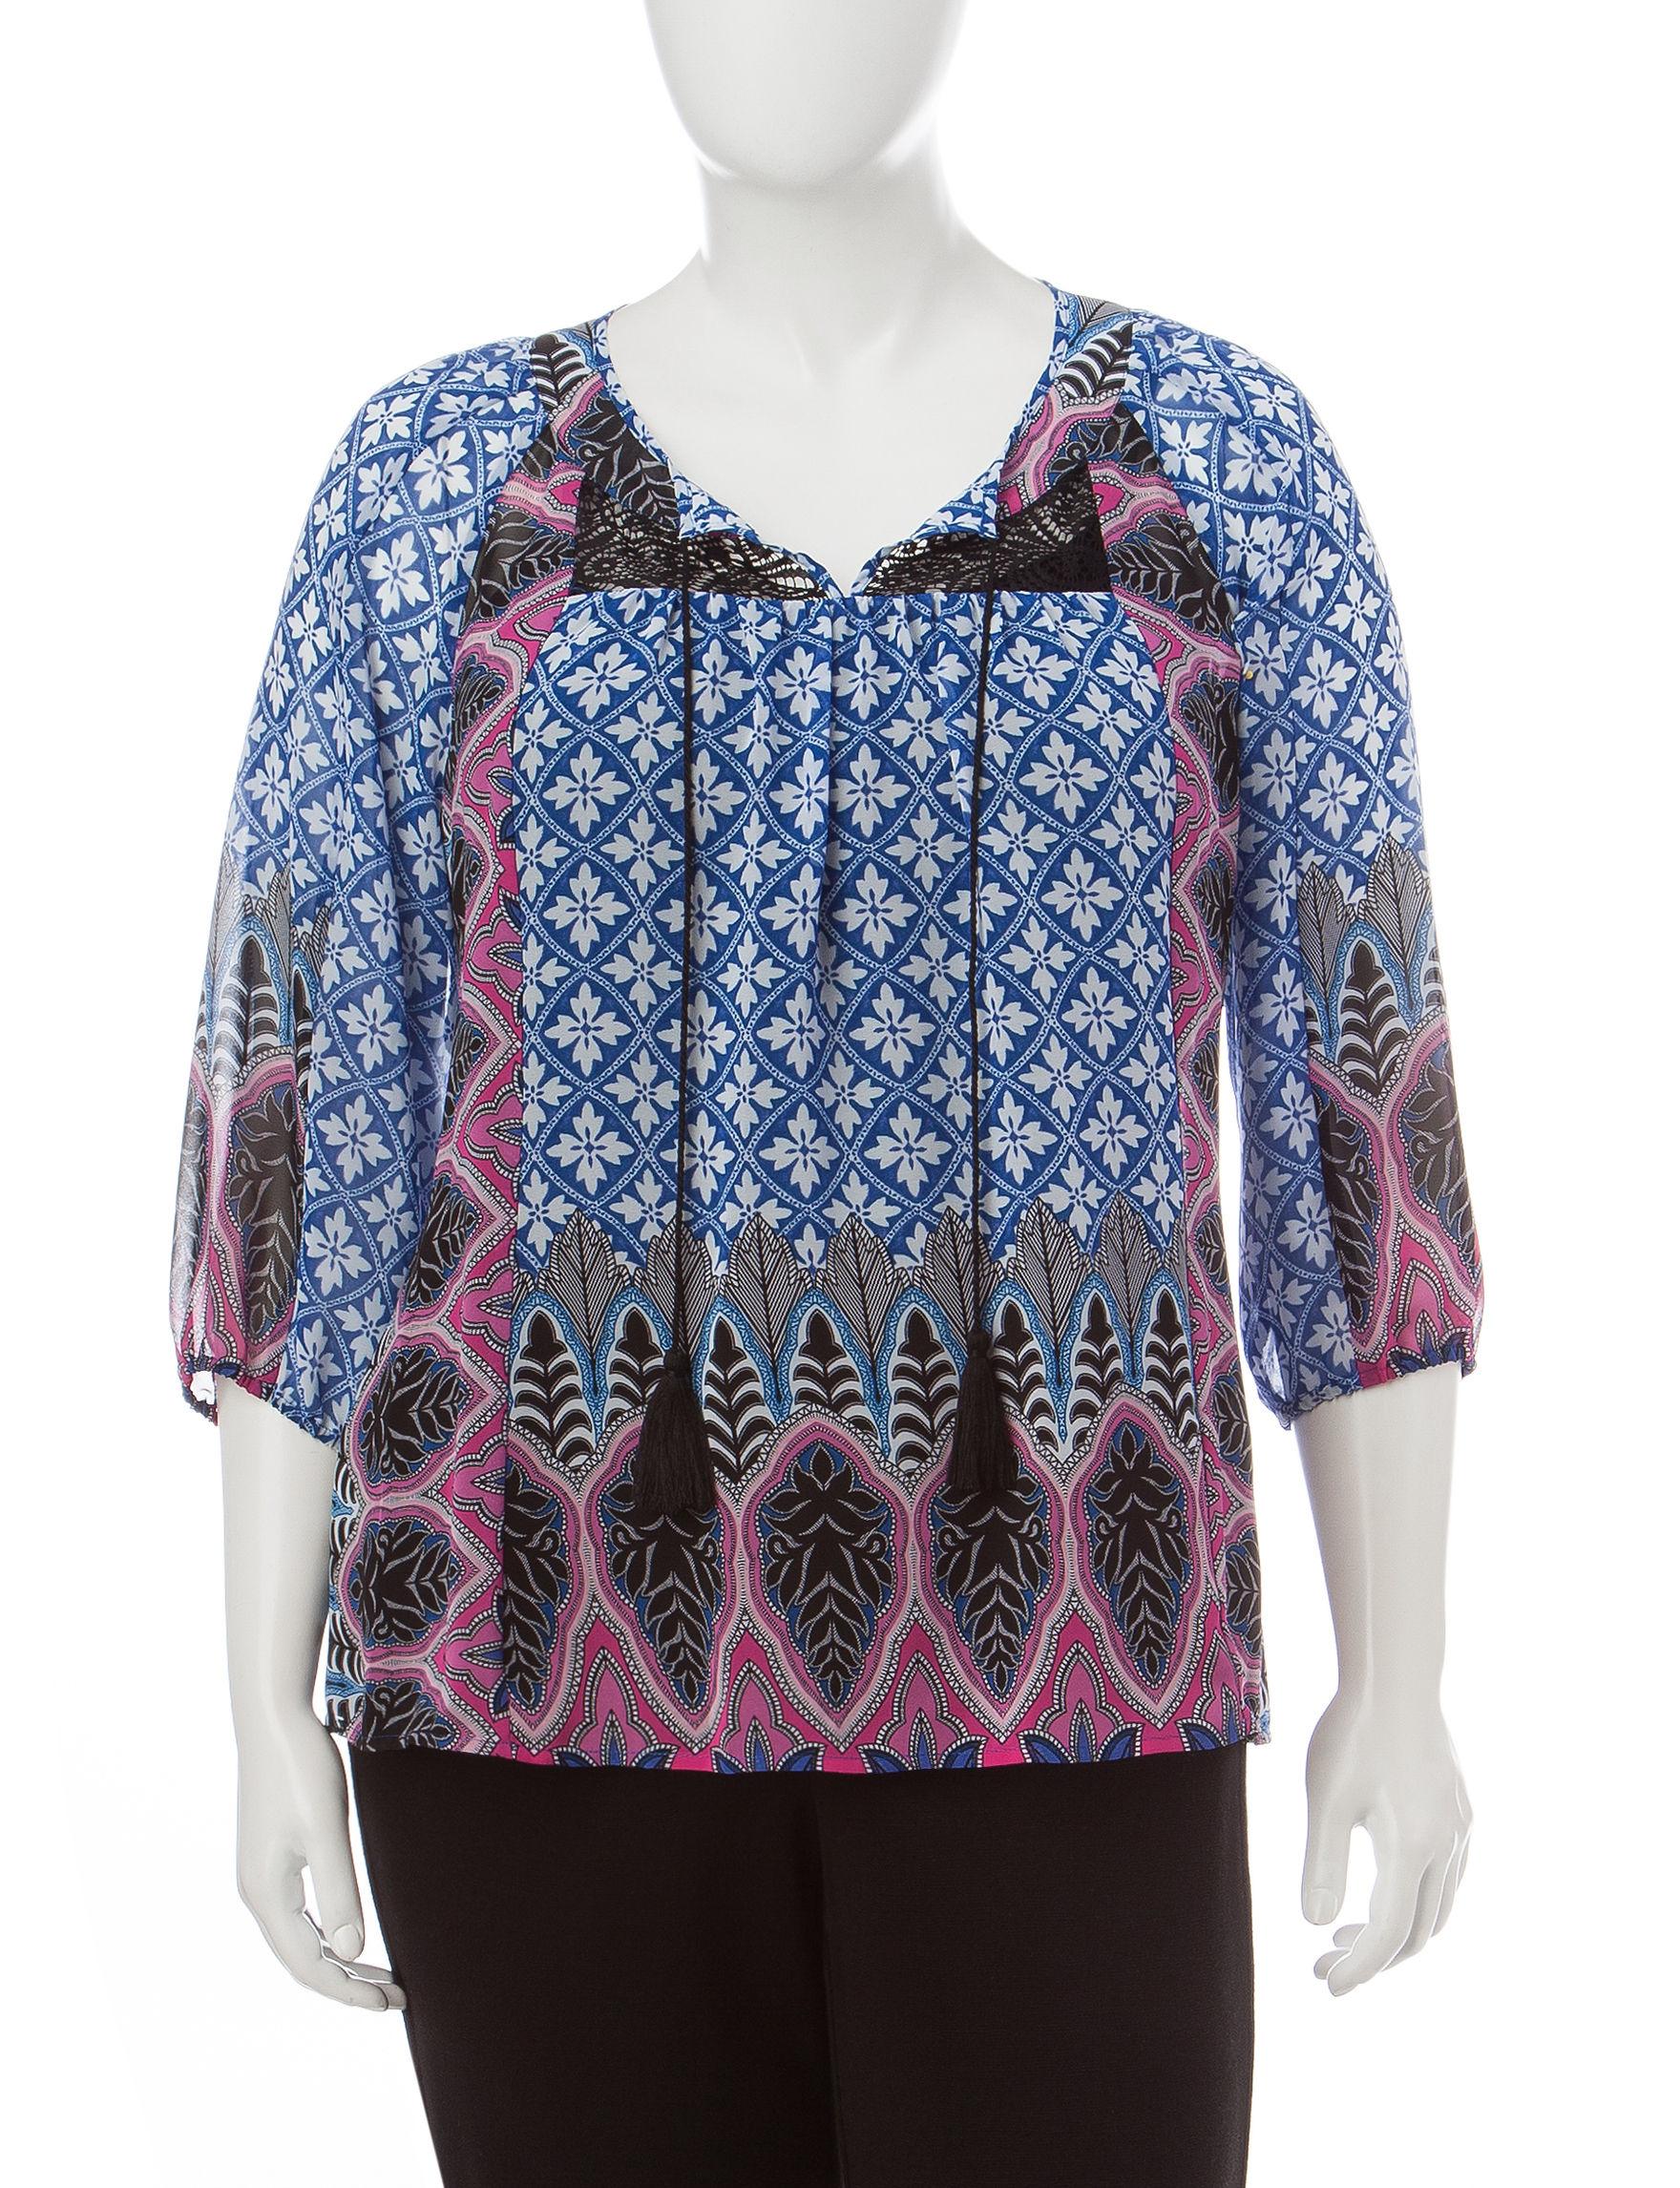 Valerie Stevens Blue Multi Shirts & Blouses